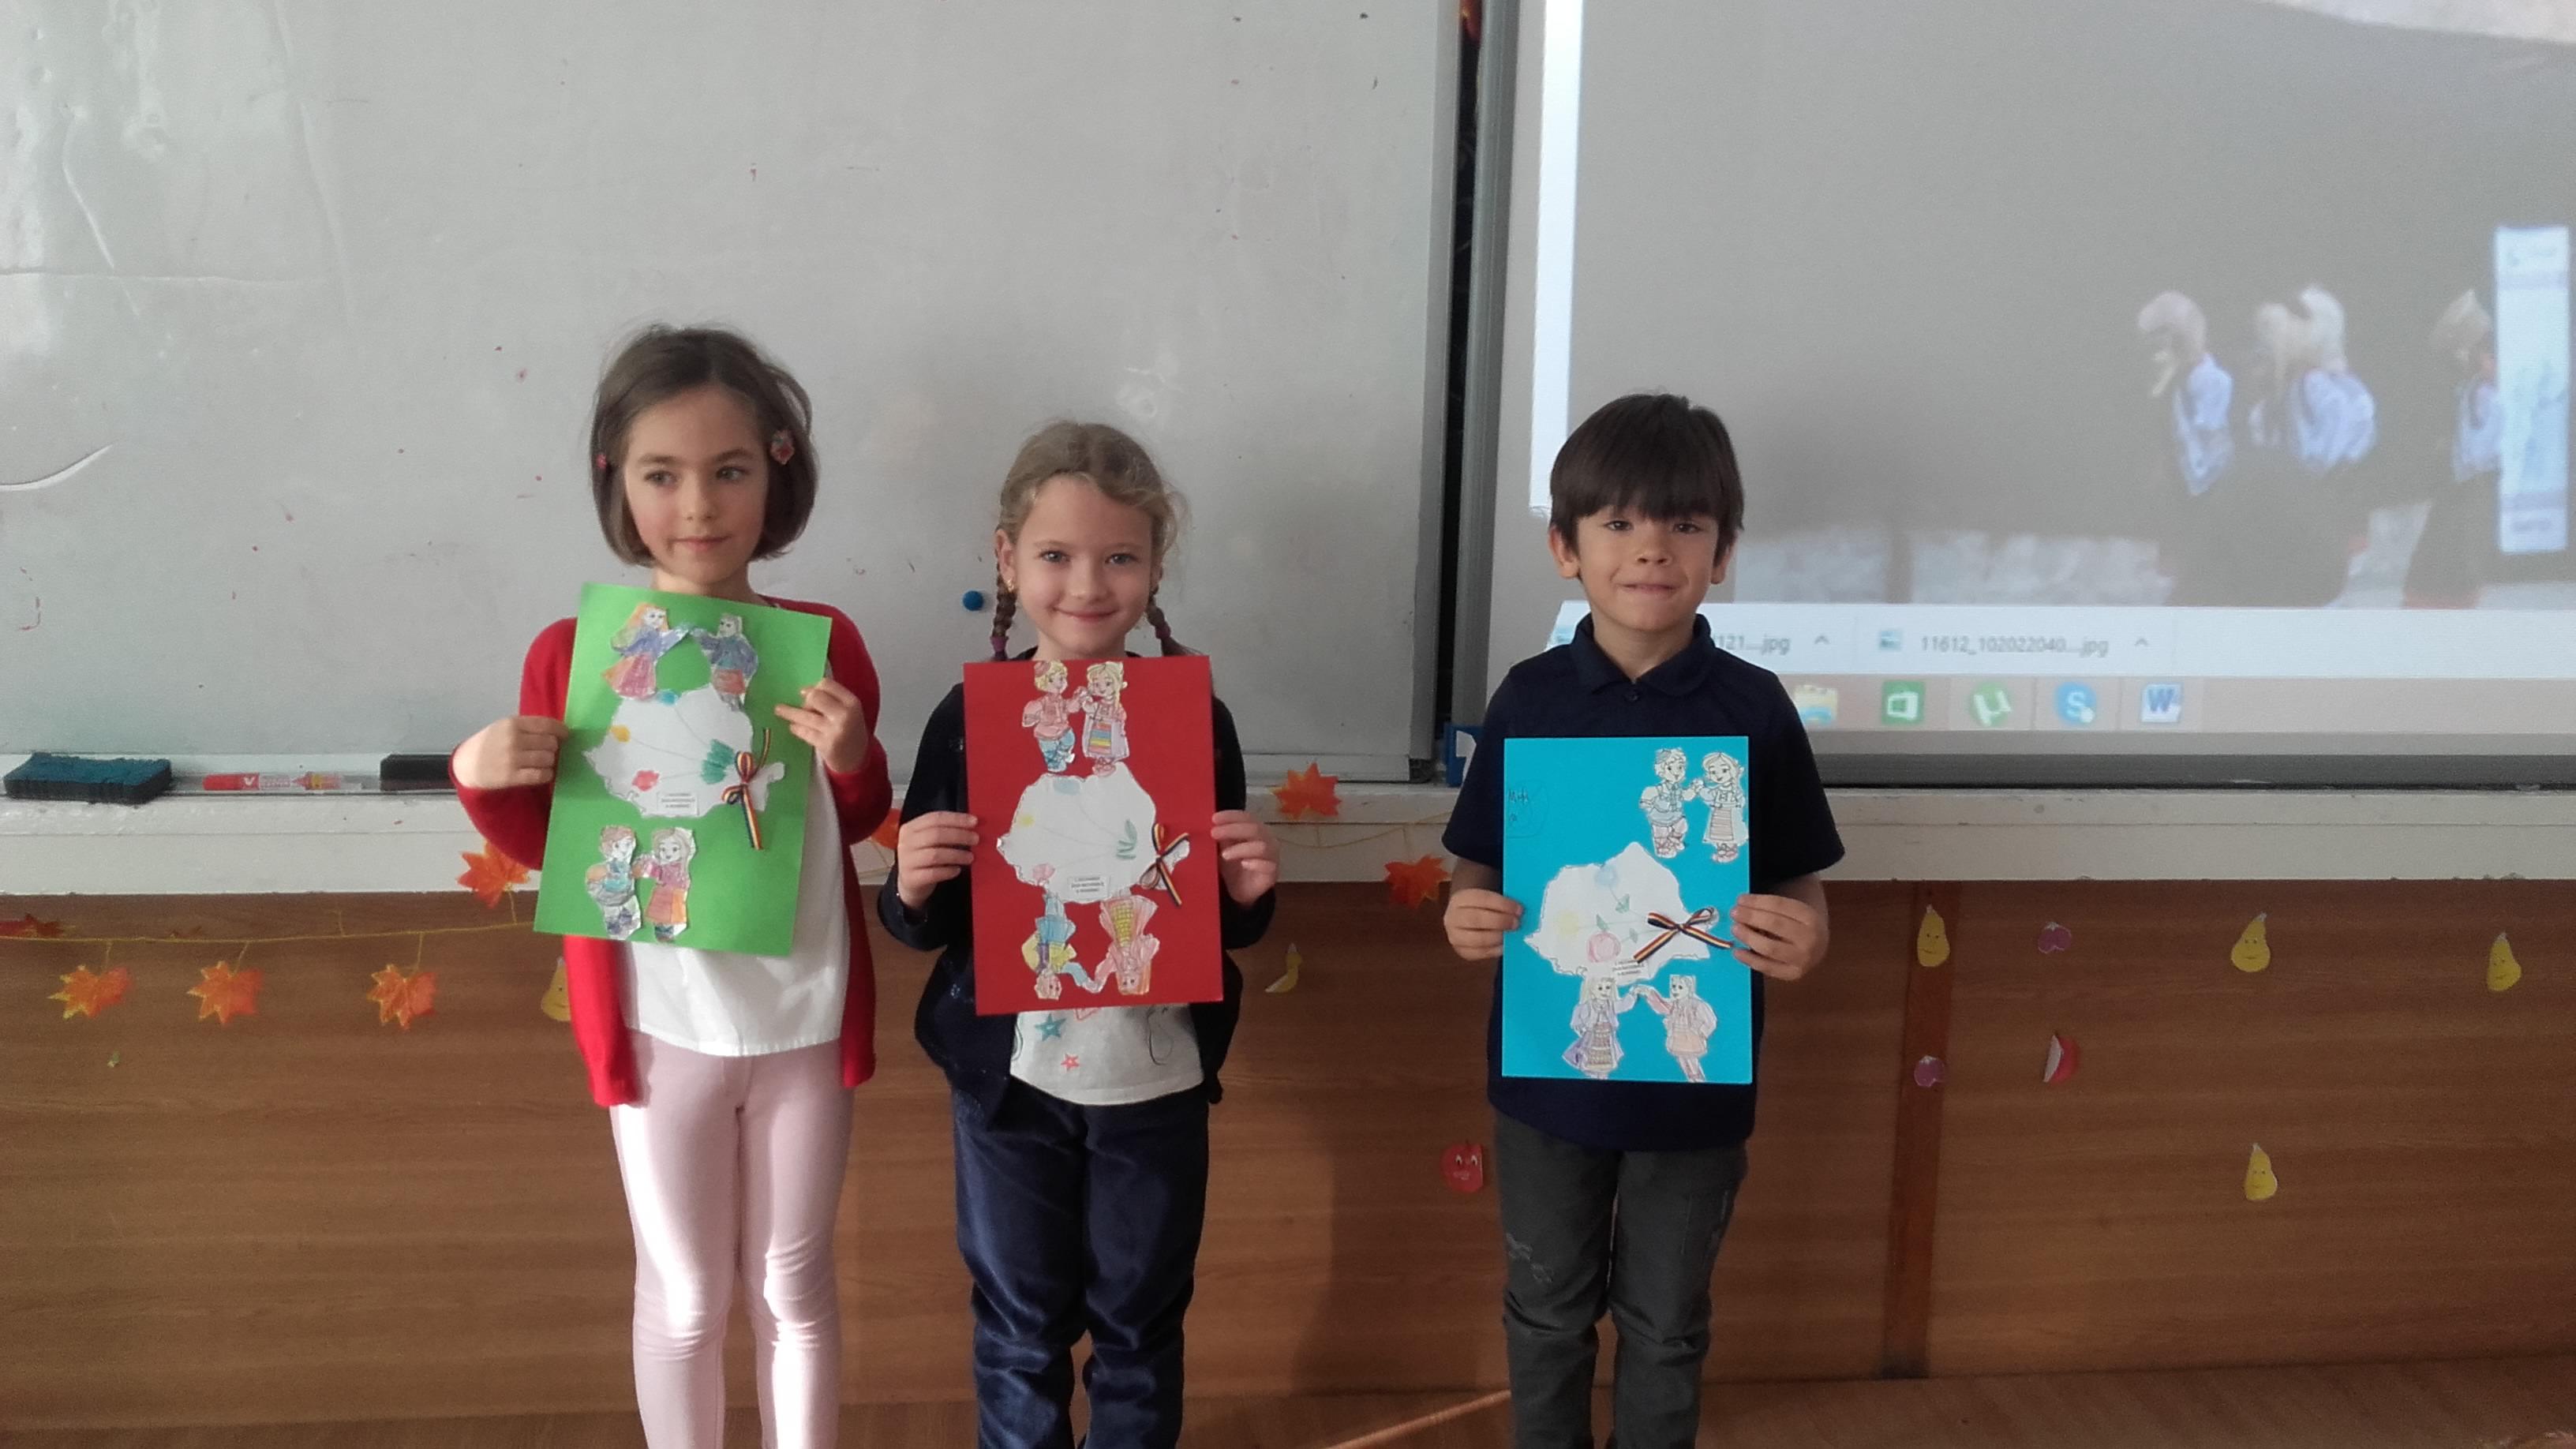 http://www.scoala12bucuresti.ro/site/wp-content/uploads/2017/12/6.jpg